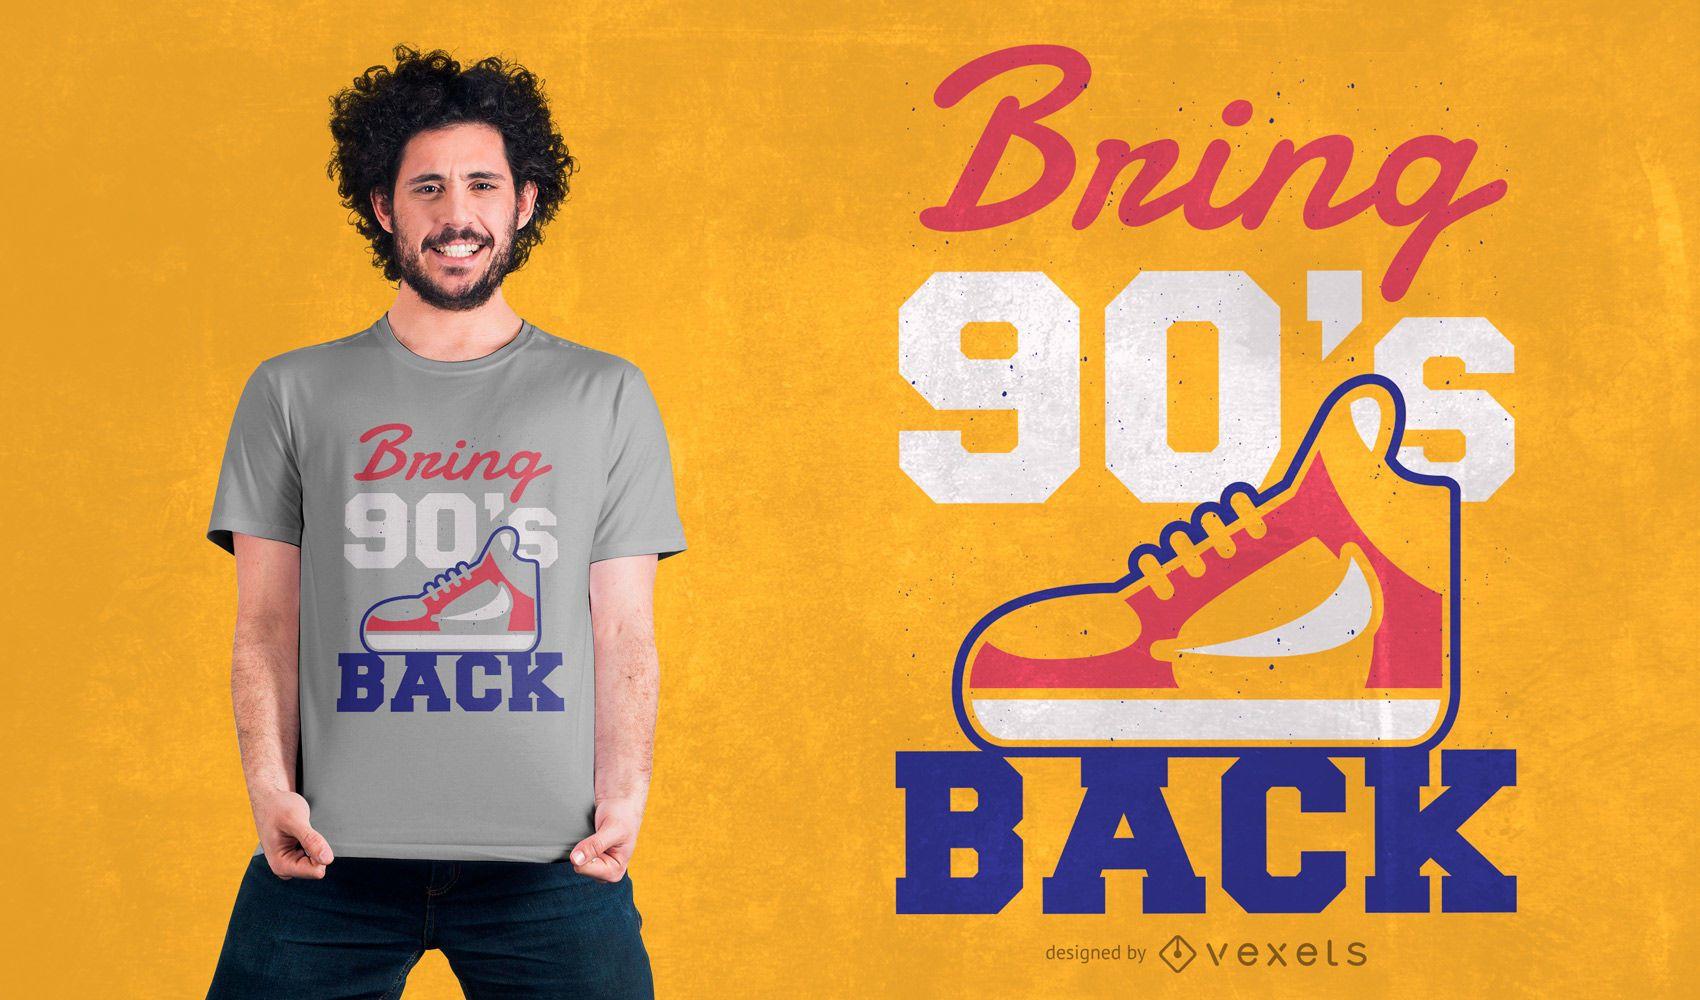 Bring 90's back t-shirt design